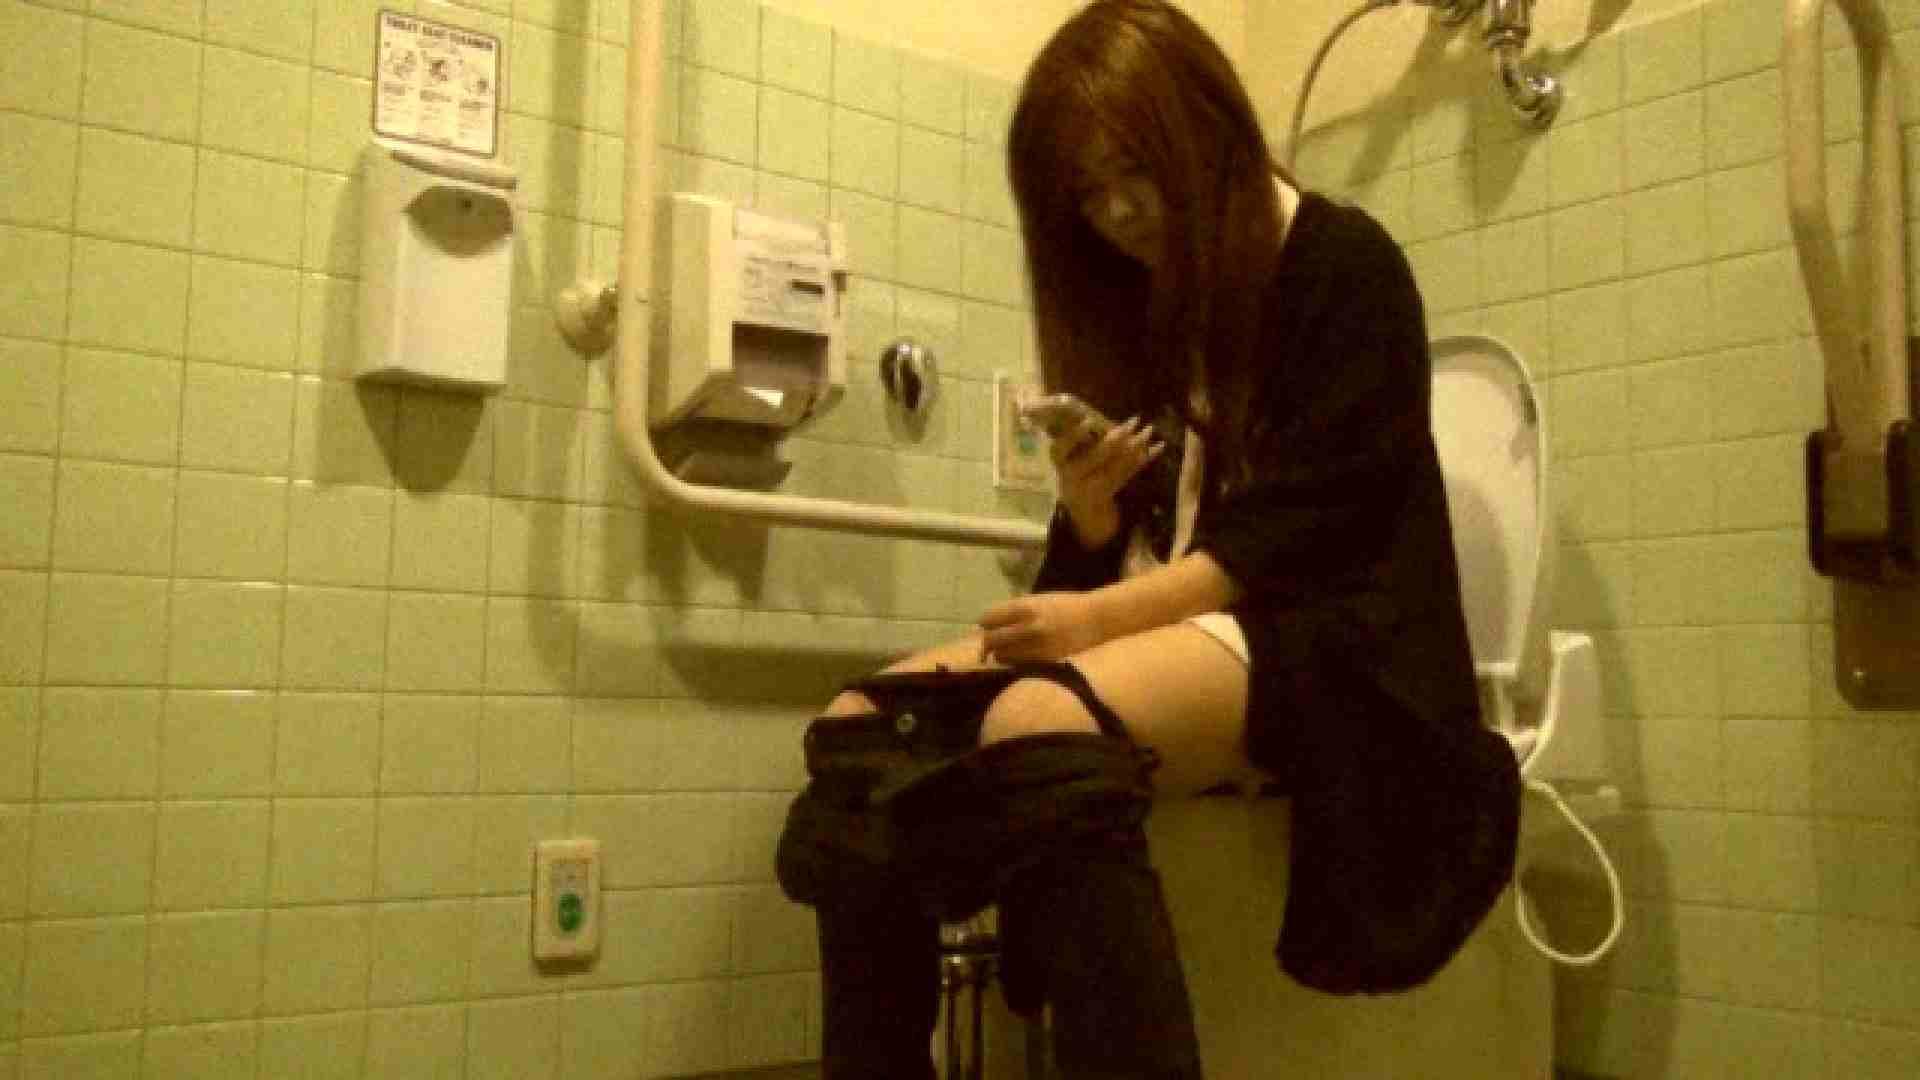 魔術師の お・も・て・な・し vol.26 19歳のバーの店員さんの洗面所をしばし… 美しいOLの裸体  73pic 48